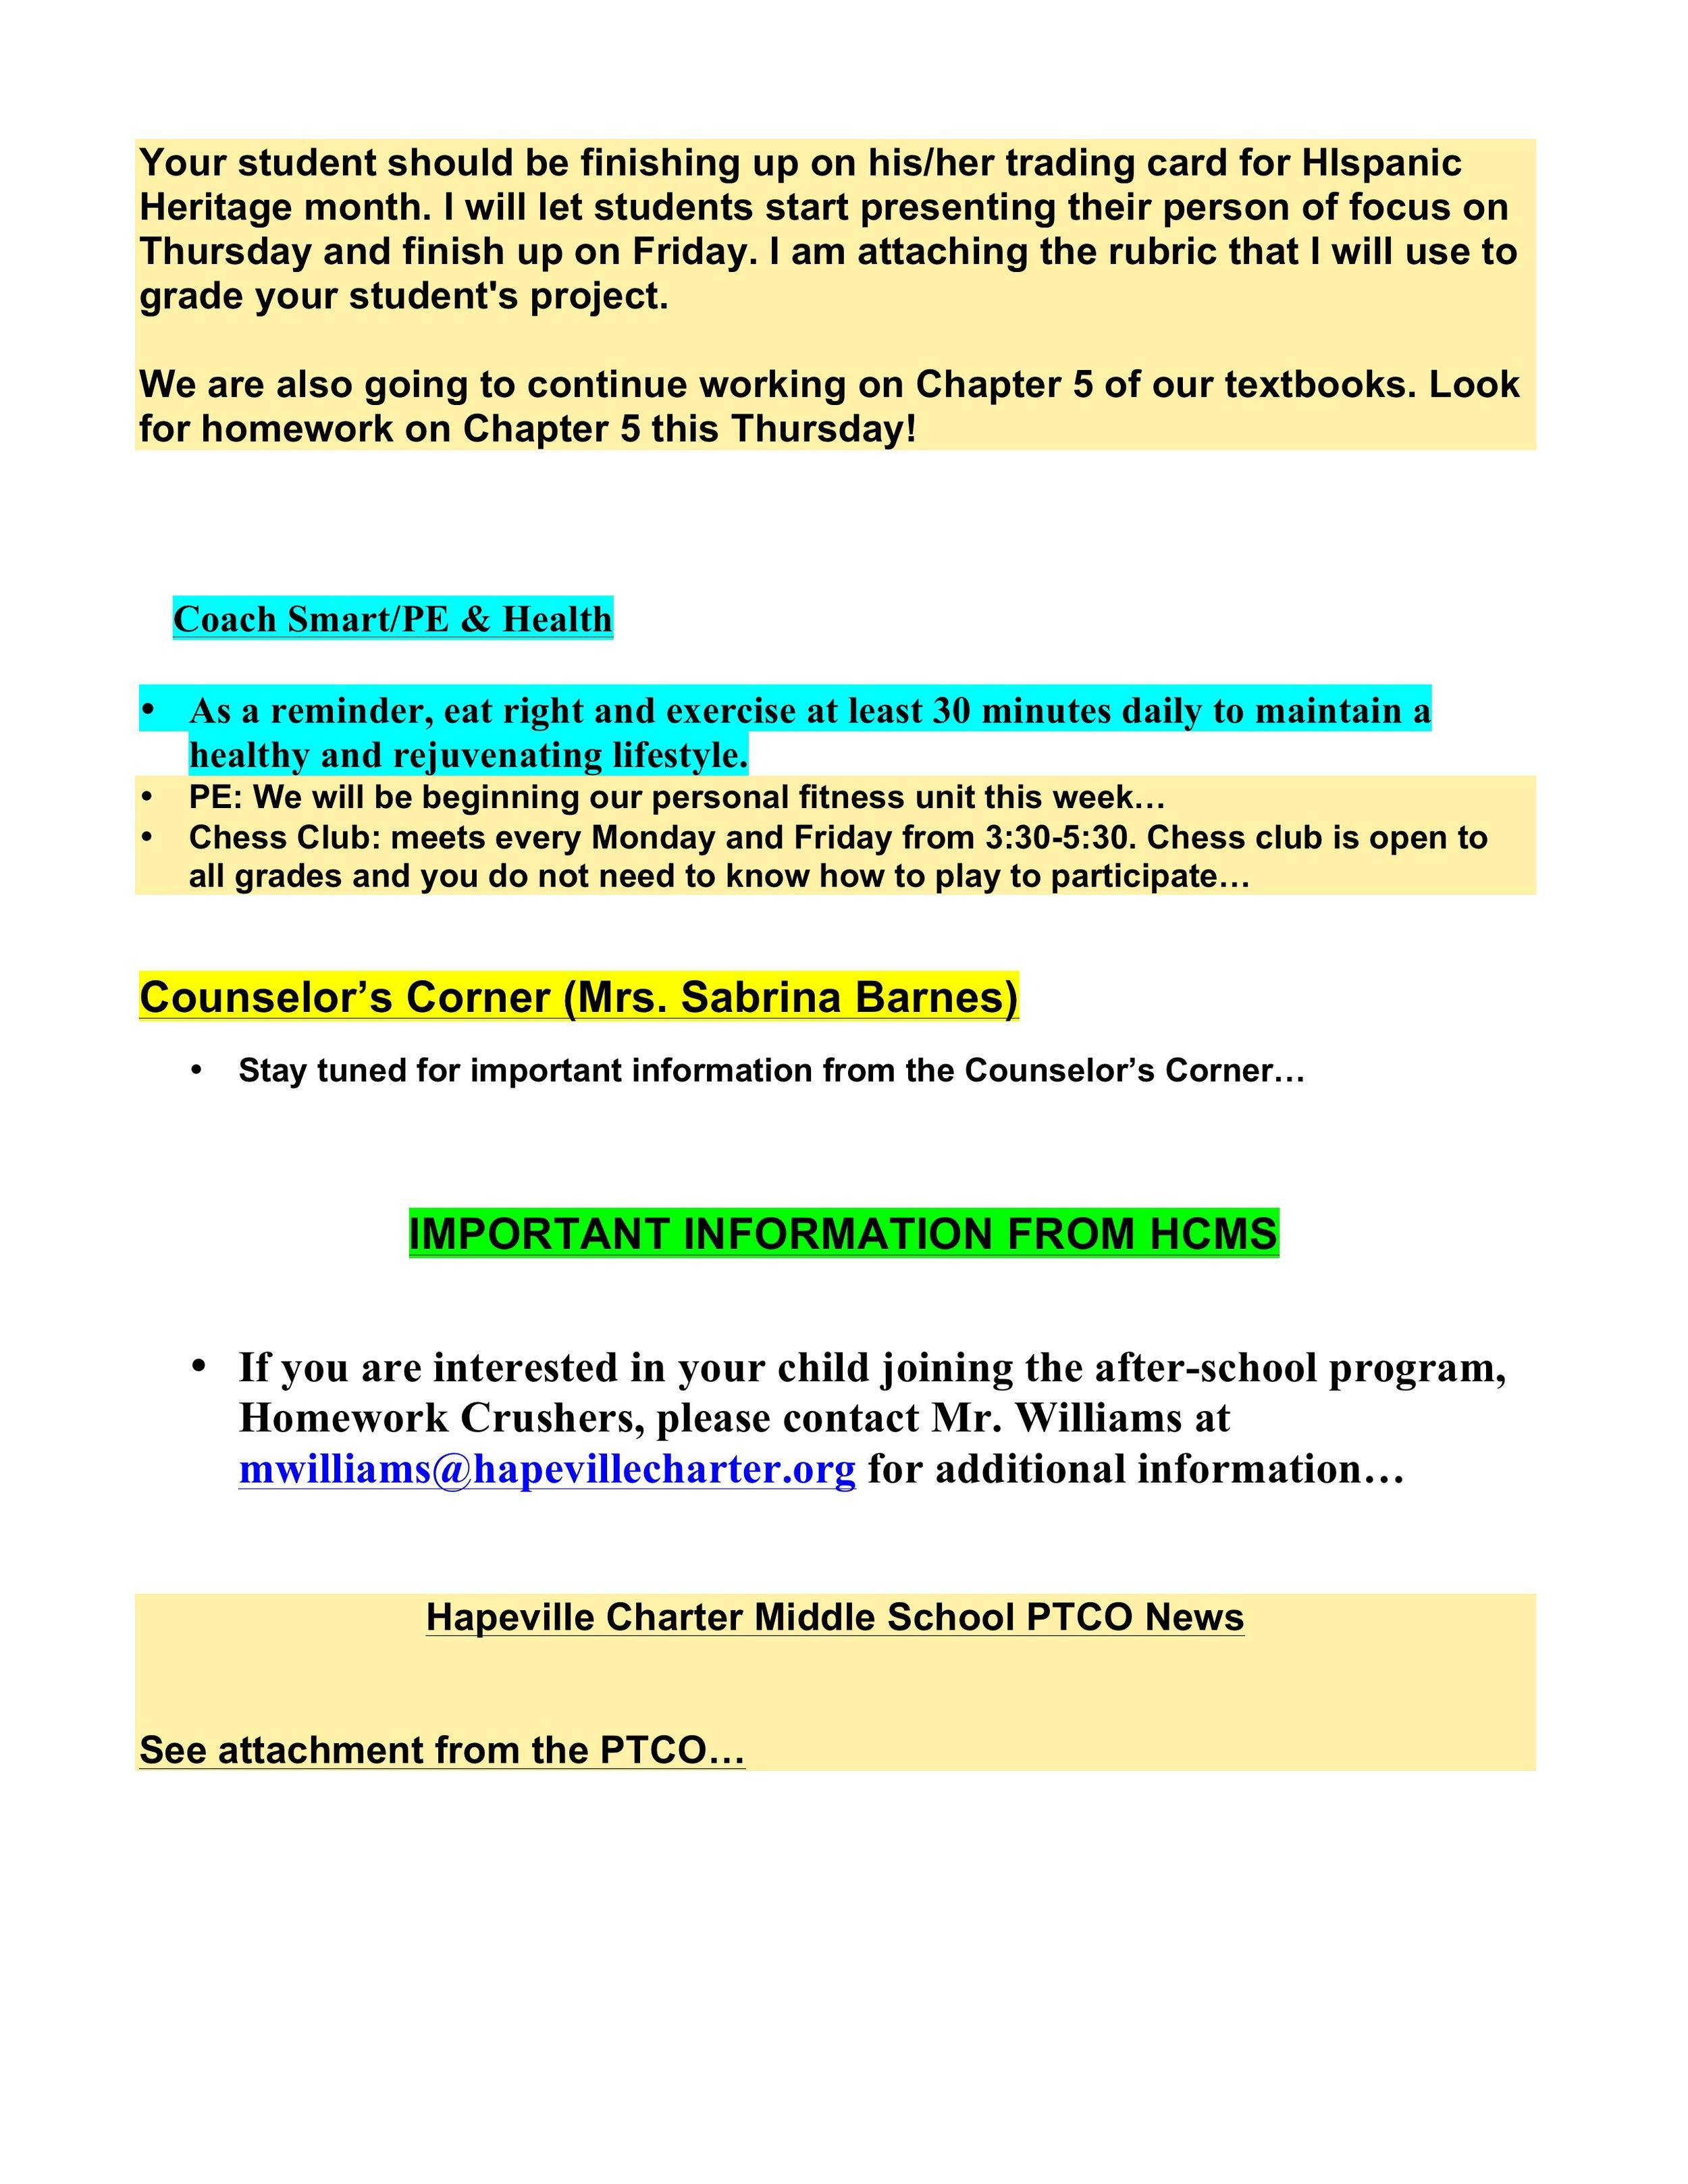 Newsletter Image7th Newsletter September 29 4.jpeg